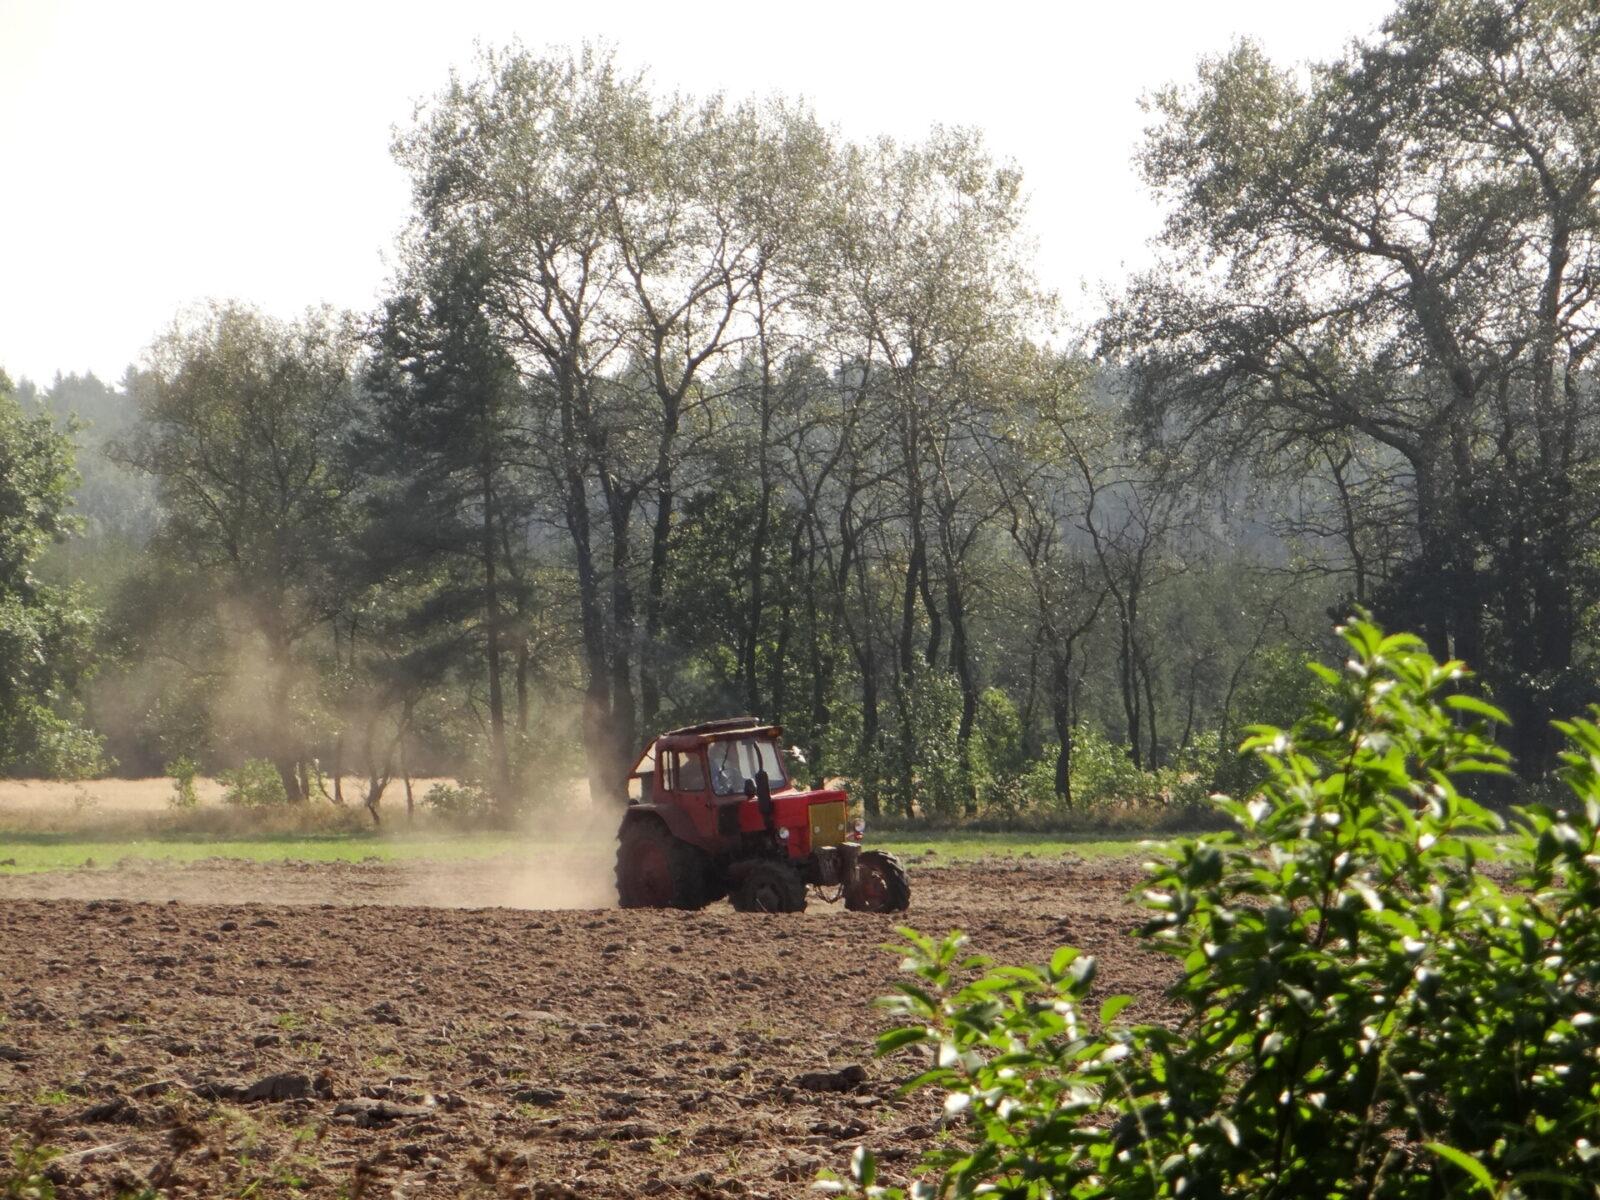 Czy Europejski Zielony Ład w rolnictwie powstrzymuje wypłukiwanie składników pokarmowych i ogranicza eutrofizację Morza Bałtyckiego?